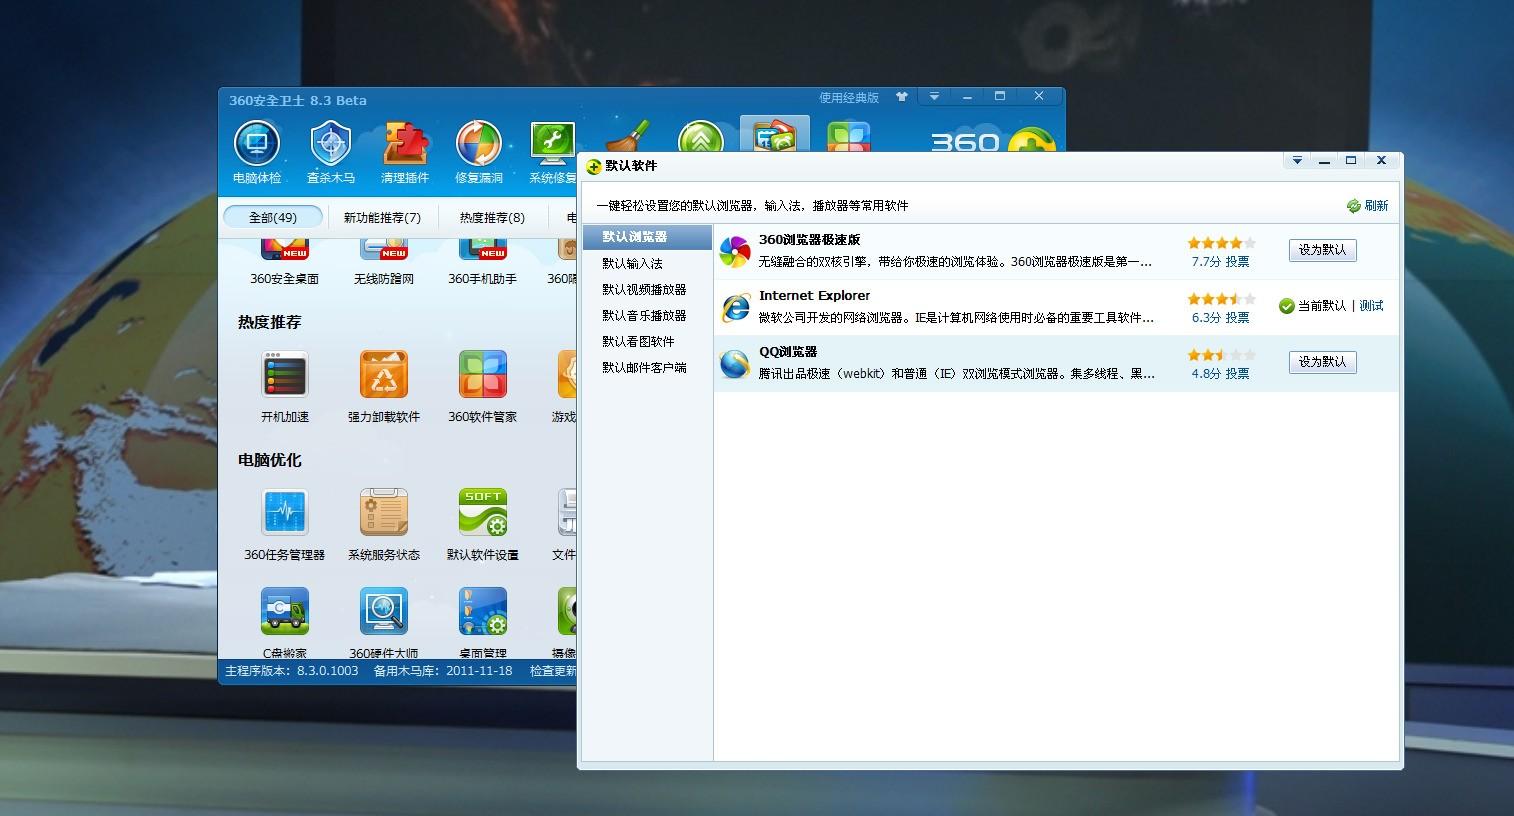 360软件管家官方下载_360软件管家官方下载